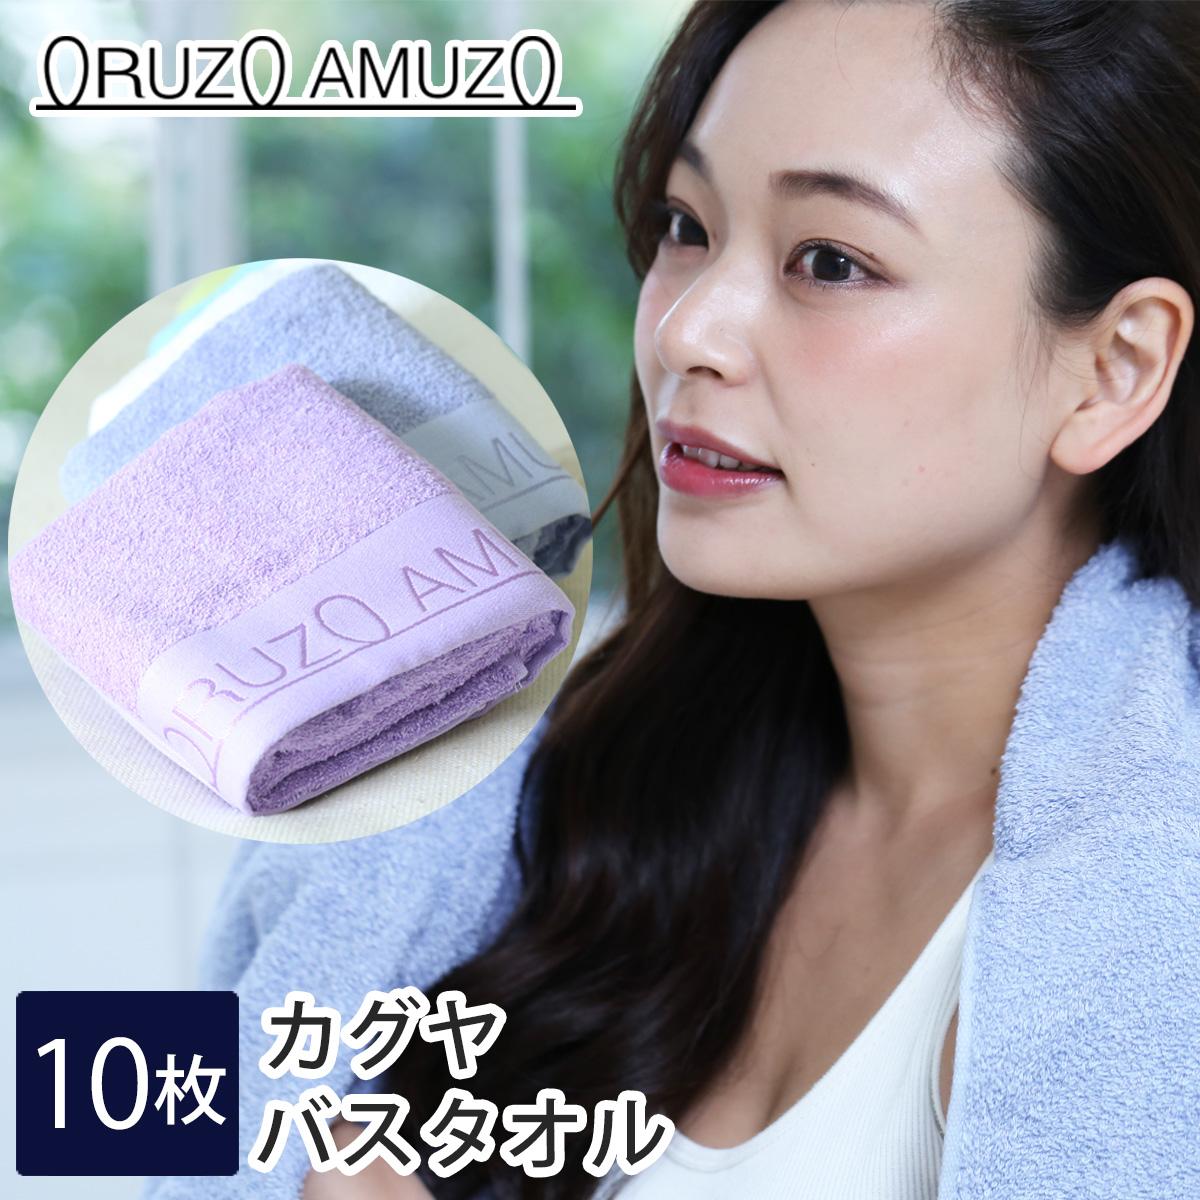 カグヤ バスタオル10枚セット スポーツタオル 選べる5色(雪 雲 藤 竹 空) 送料無料 オルゾアムゾ(ORUZOAMUZO)